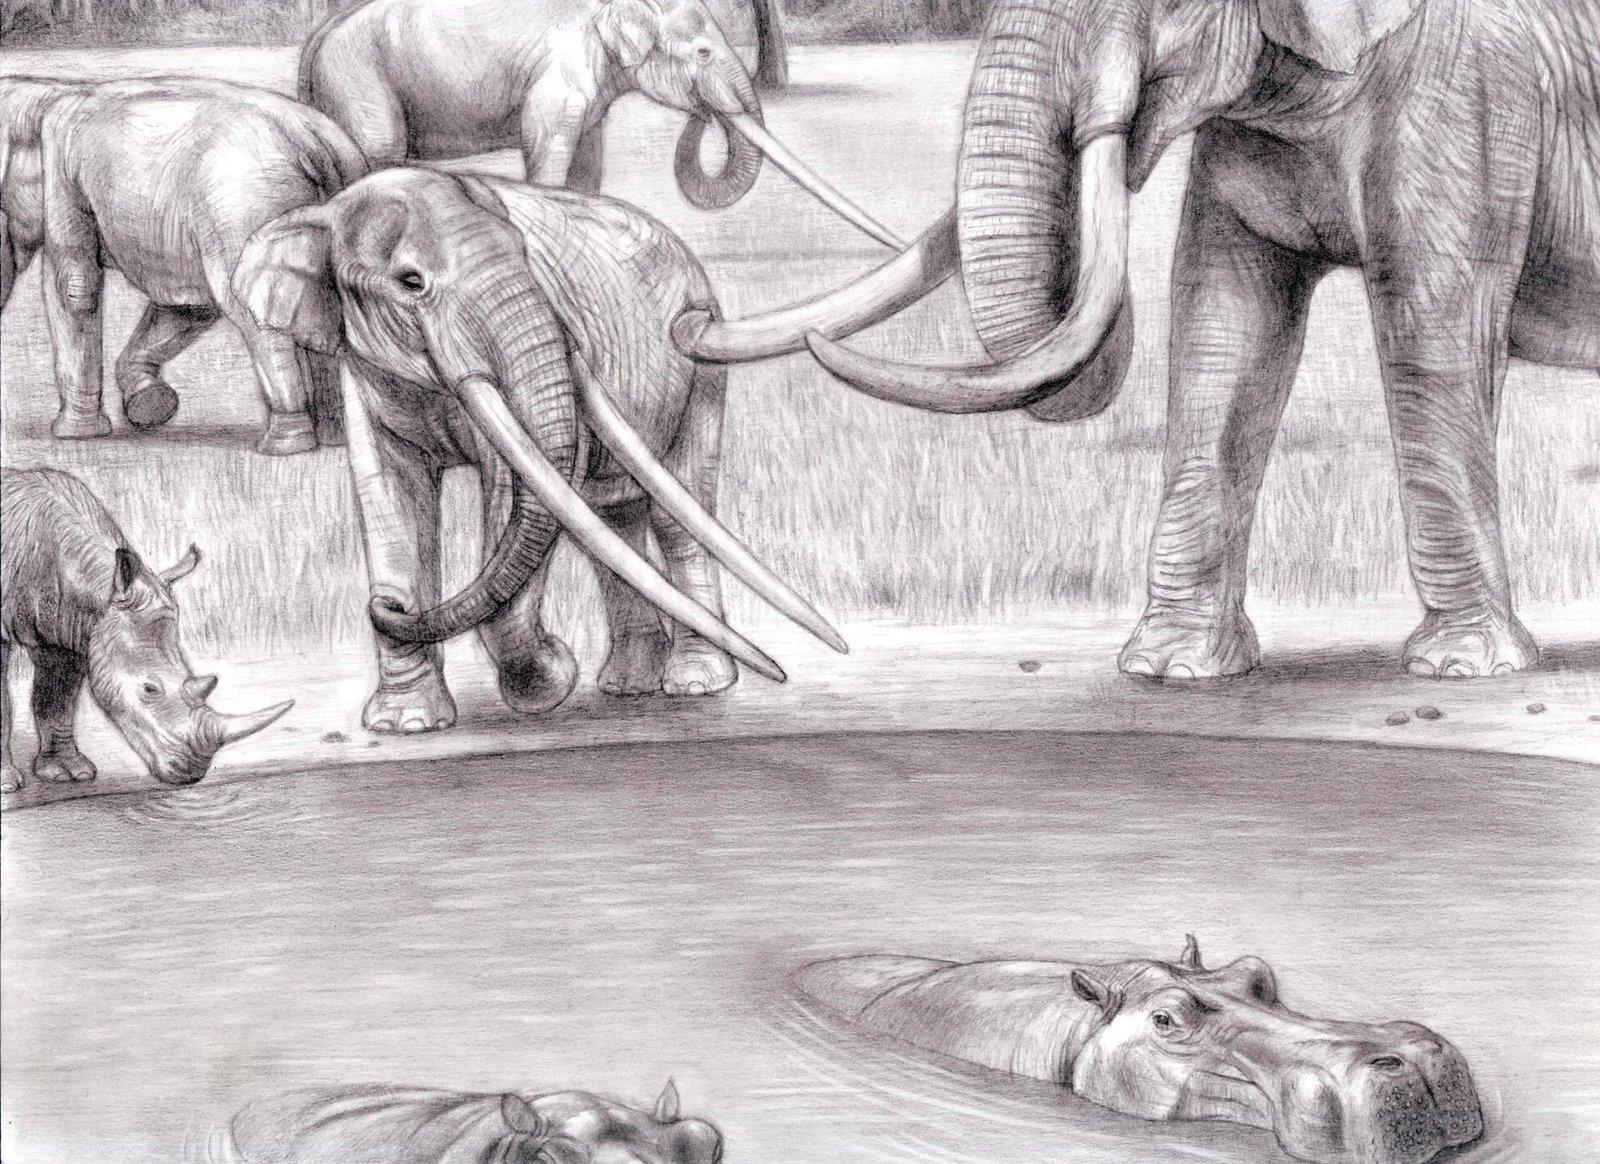 Drawn rhino hippo Mastodont Mastodont European Auvergne by